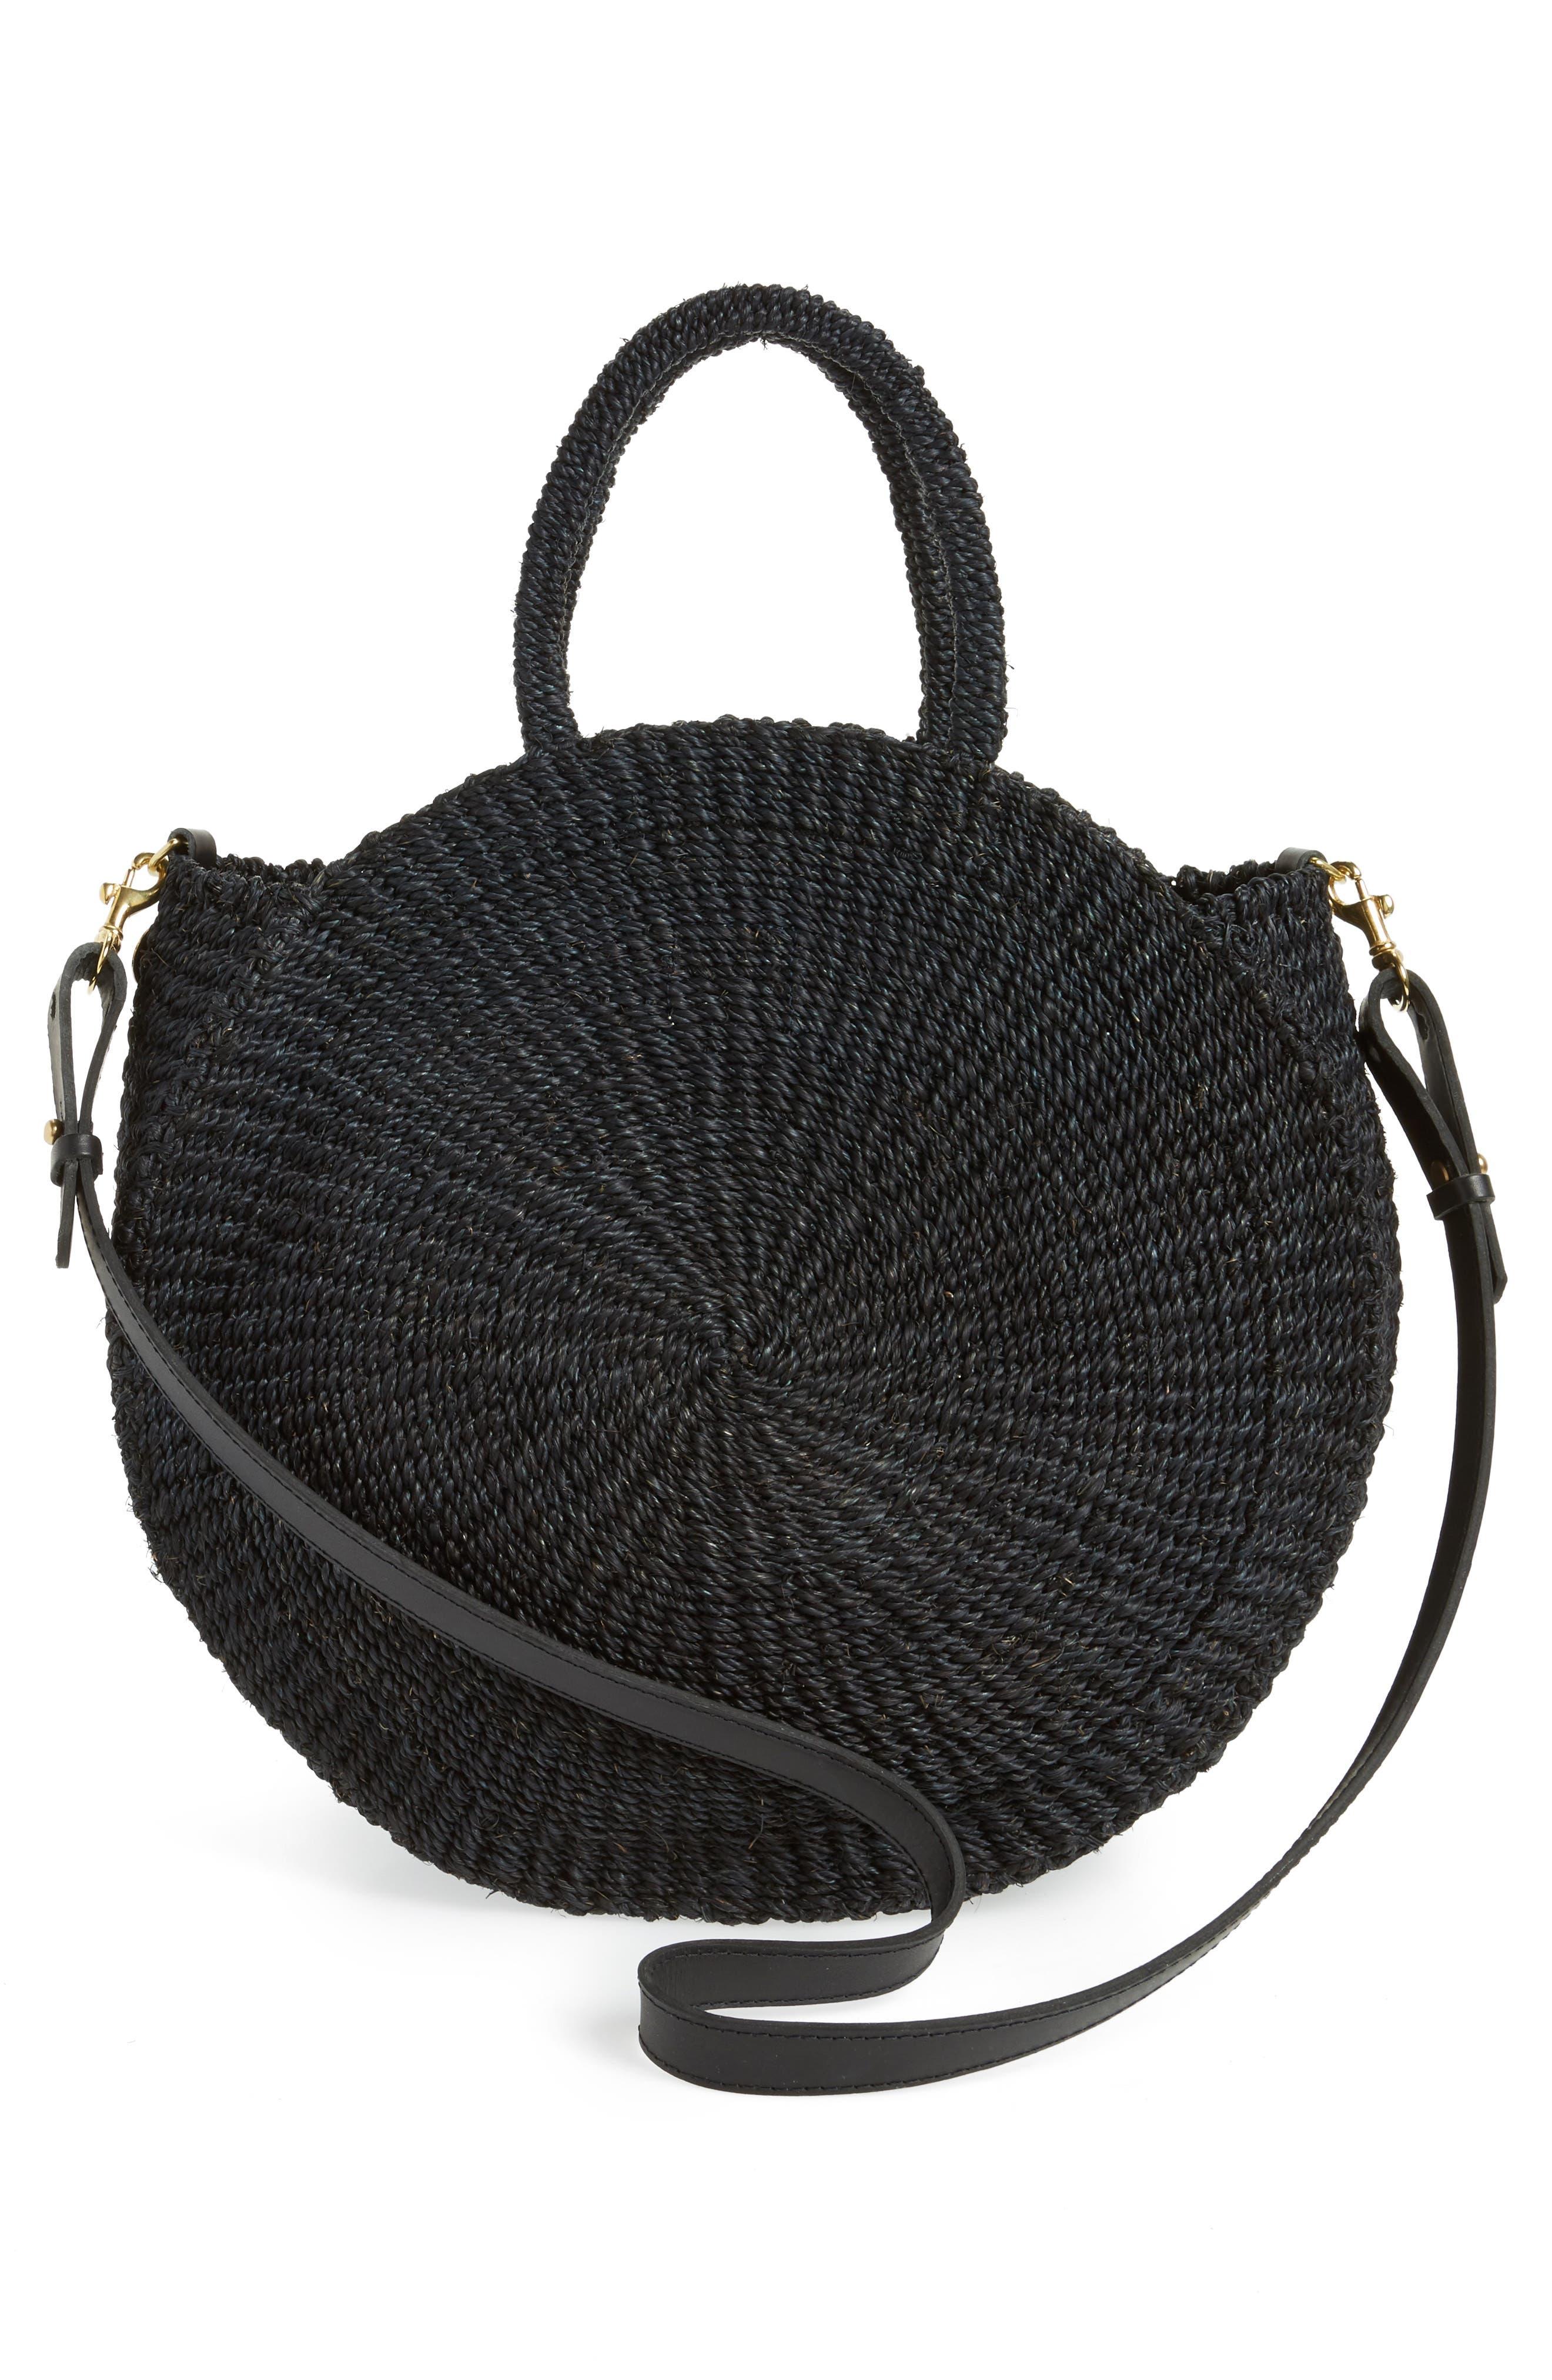 Alice Woven Sisal Straw Bag,                             Alternate thumbnail 3, color,                             BLACK WOVEN